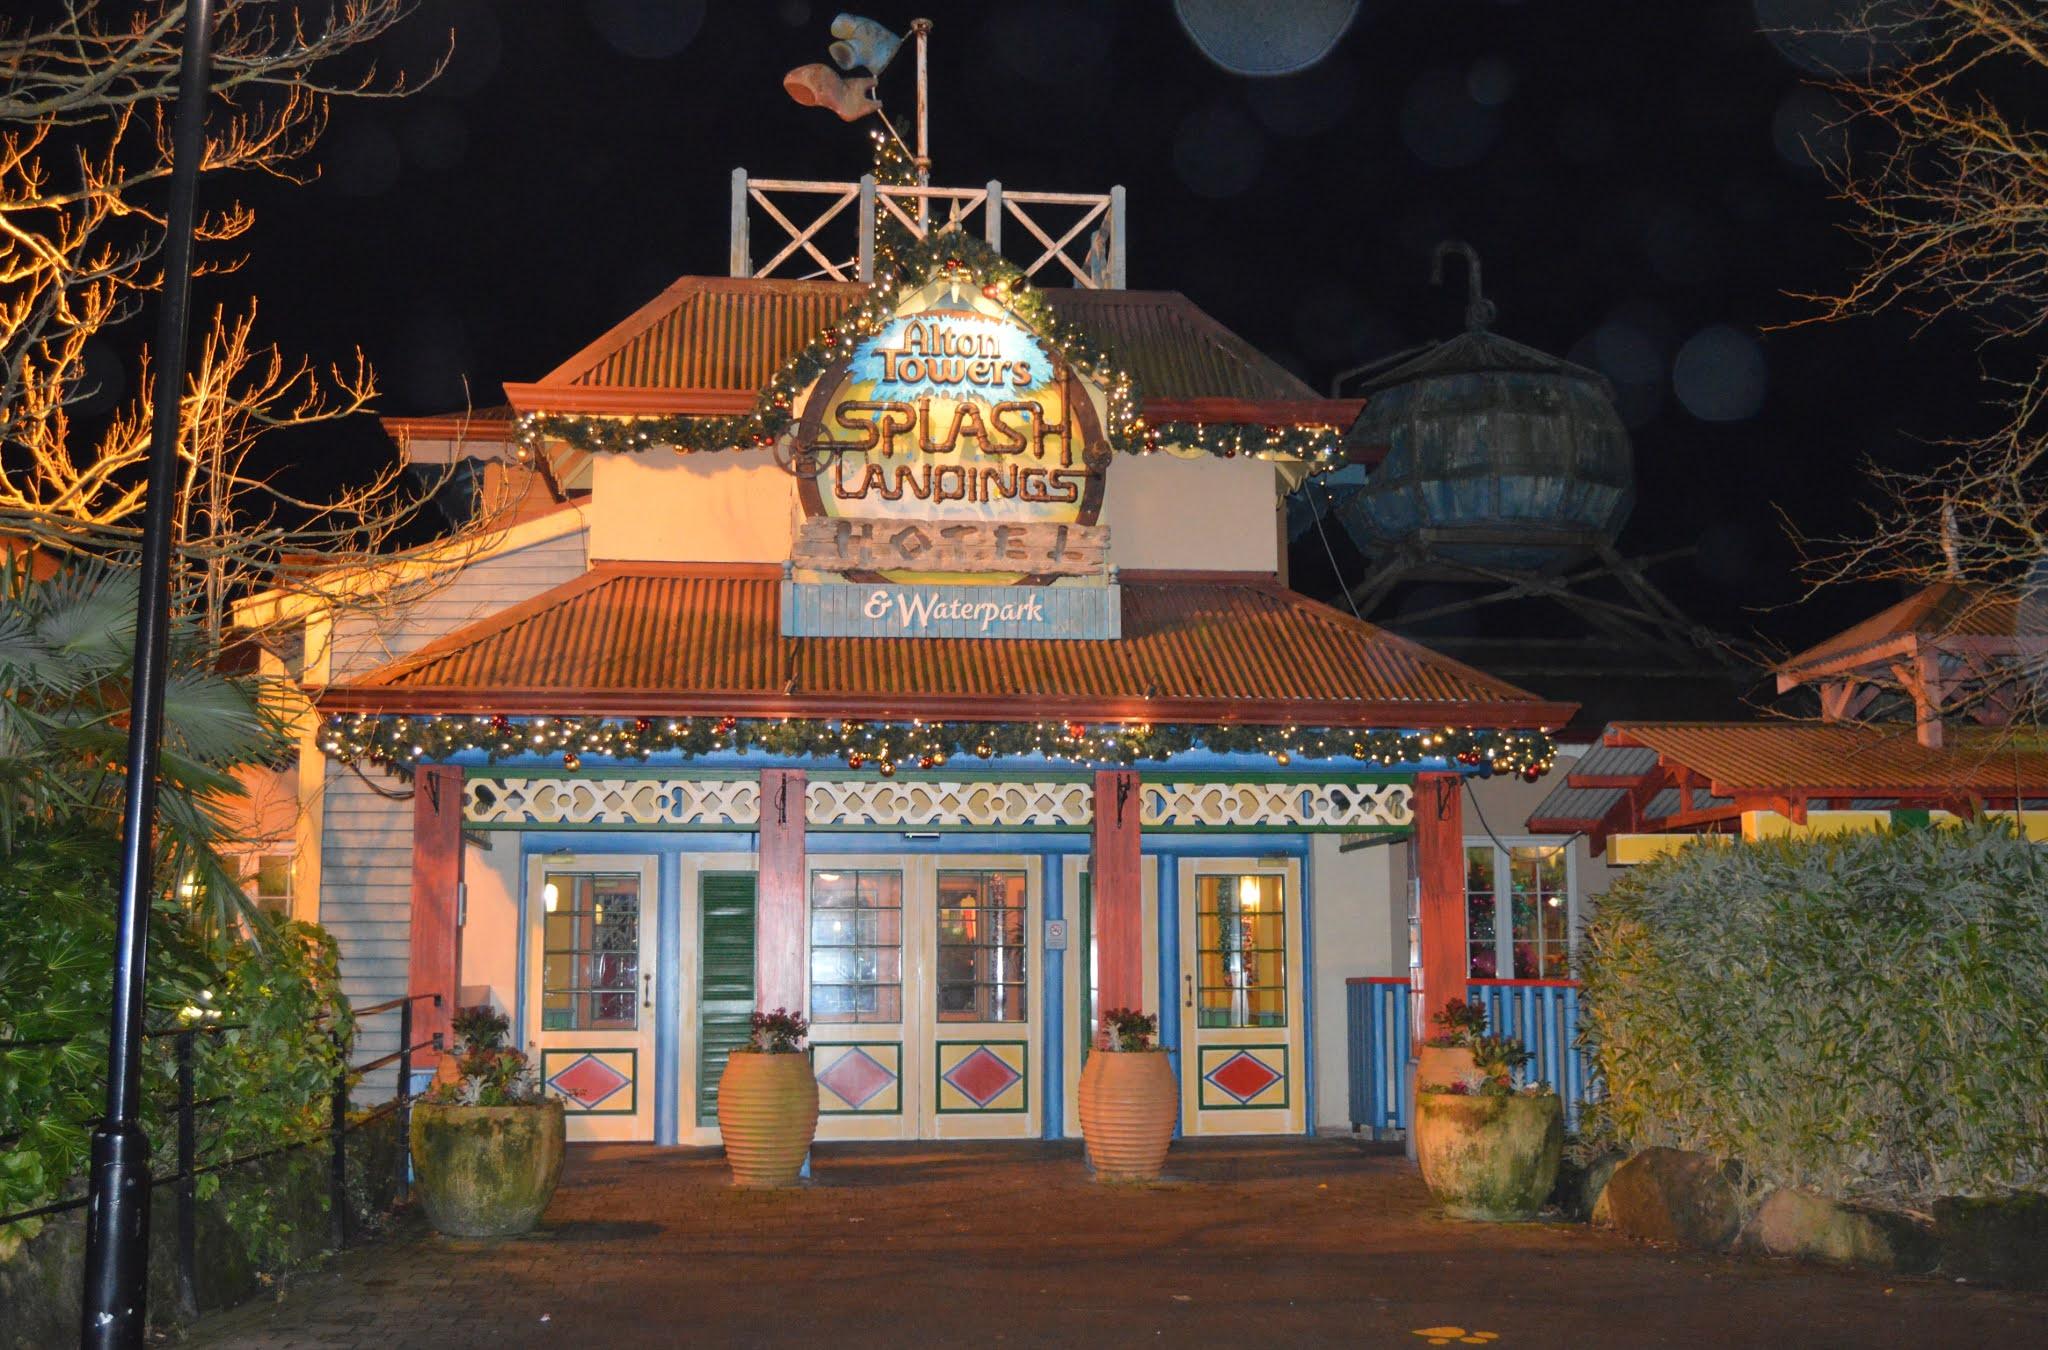 Outside the Splash Landing Hotel